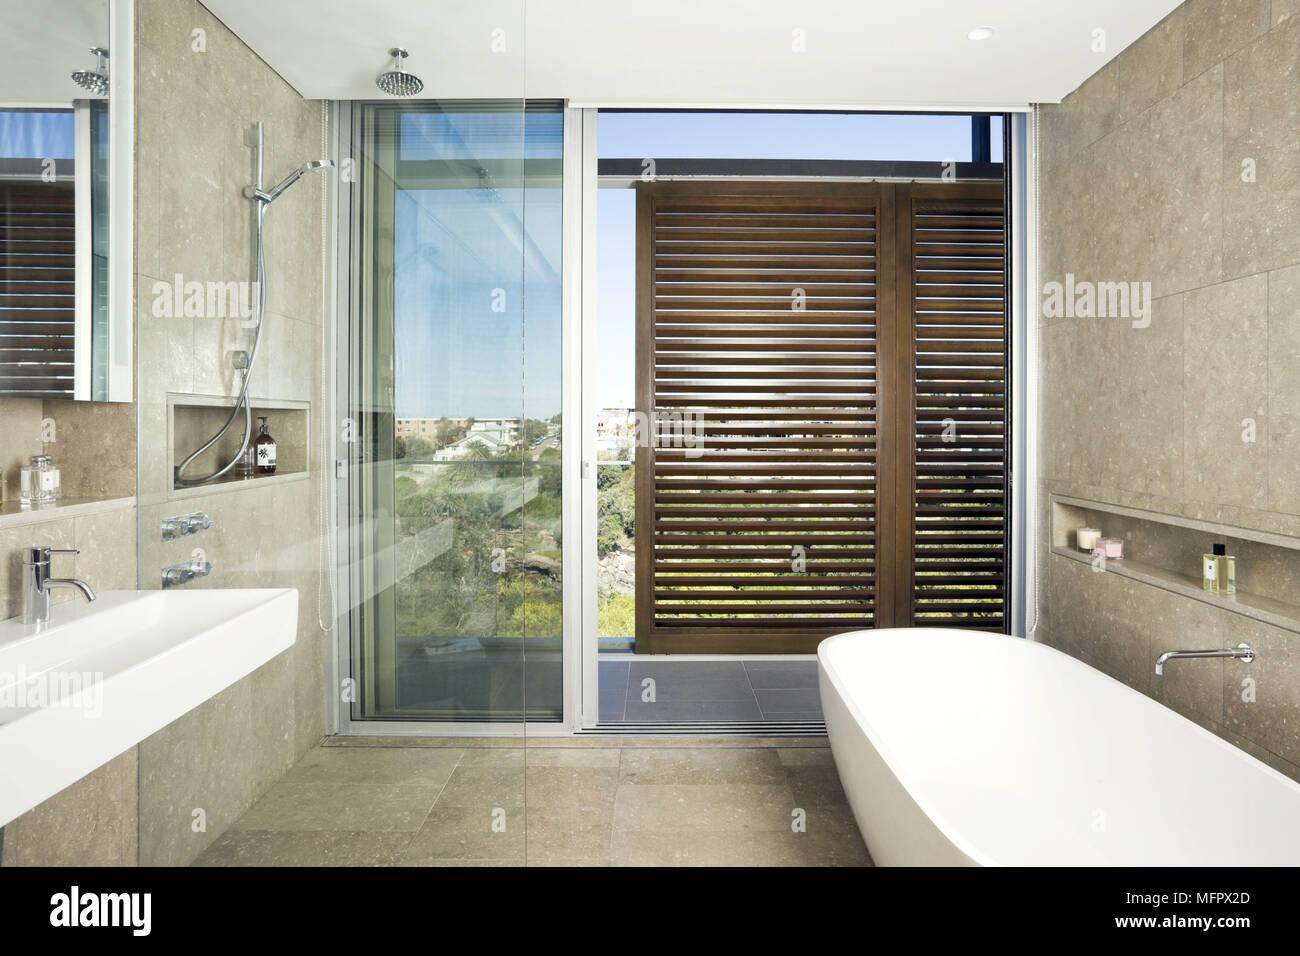 Freistehende Badewanne Im Modernen Bad Mit Schiebetür, Balkon